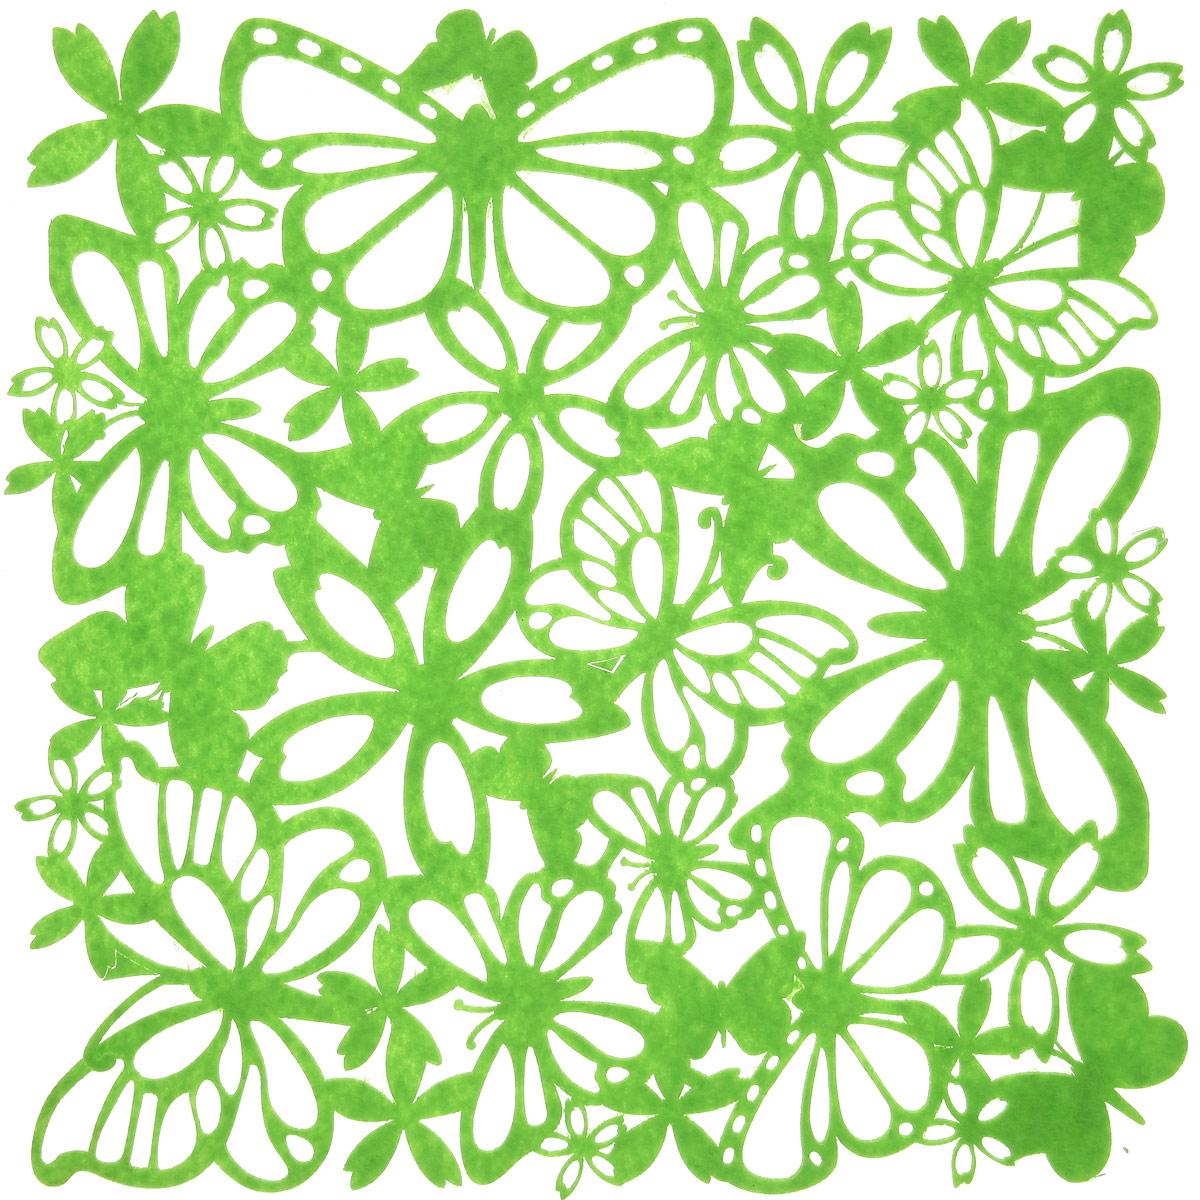 Салфетка Home Queen Взмах крыльев, цвет: зеленый, 30 х 30 см66841_салатовыйКвадратная салфетка Home Queen Взмах крыльев изготовлена из фетра и оформлена изысканной перфорацией в виде цветочных узоров и бабочек. Такая салфетка прекрасно подойдет для украшения интерьера кухни, она сбережет стол от высоких температур и грязи.